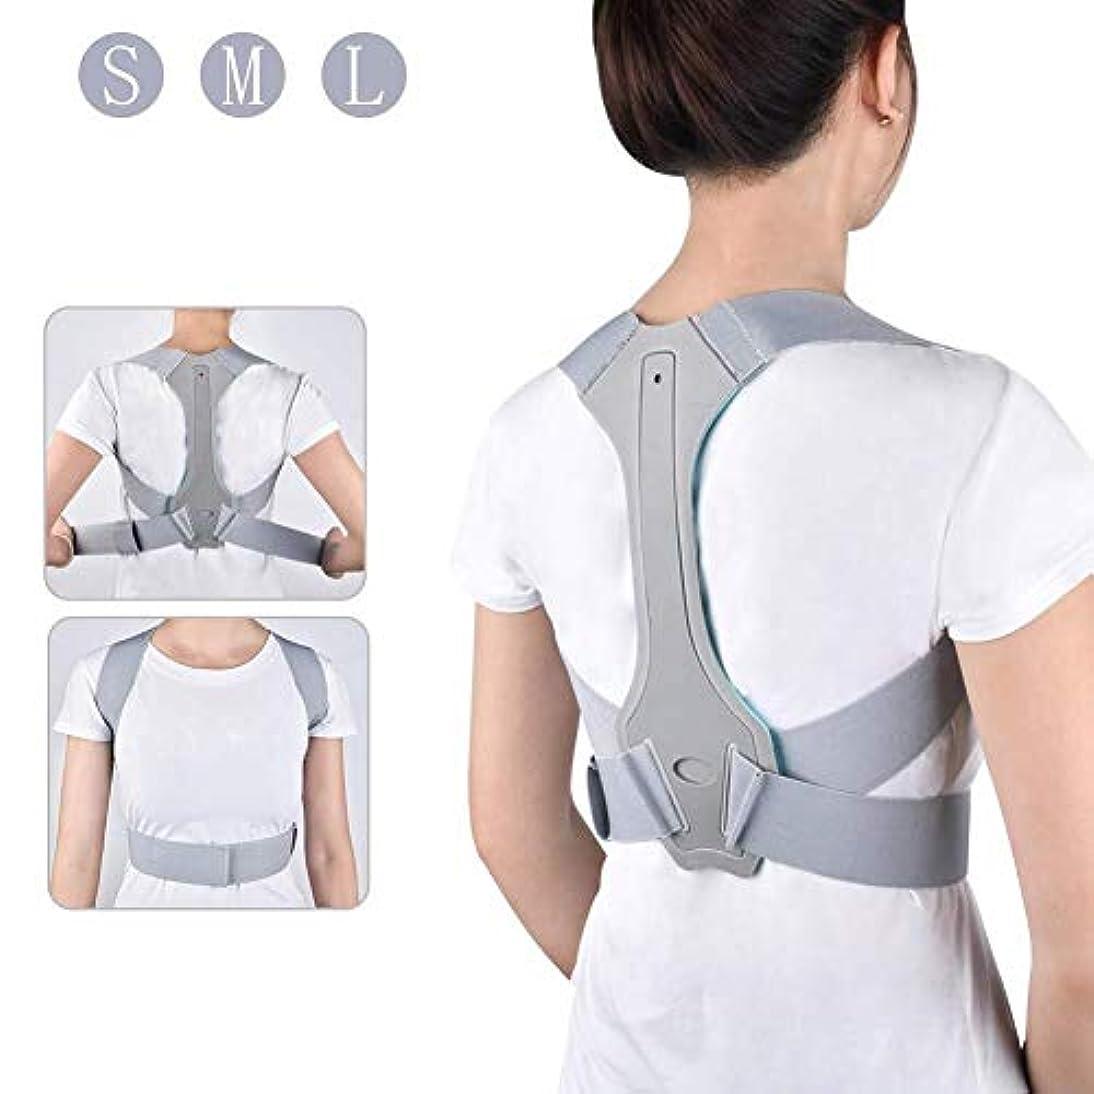 露骨な君主制と組む男性と女性のための姿勢補正器、胸部後phおよび肩首の痛みの軽減のための調節可能な上背部肩姿勢トレーナー脊椎矯正 (Size : Large)